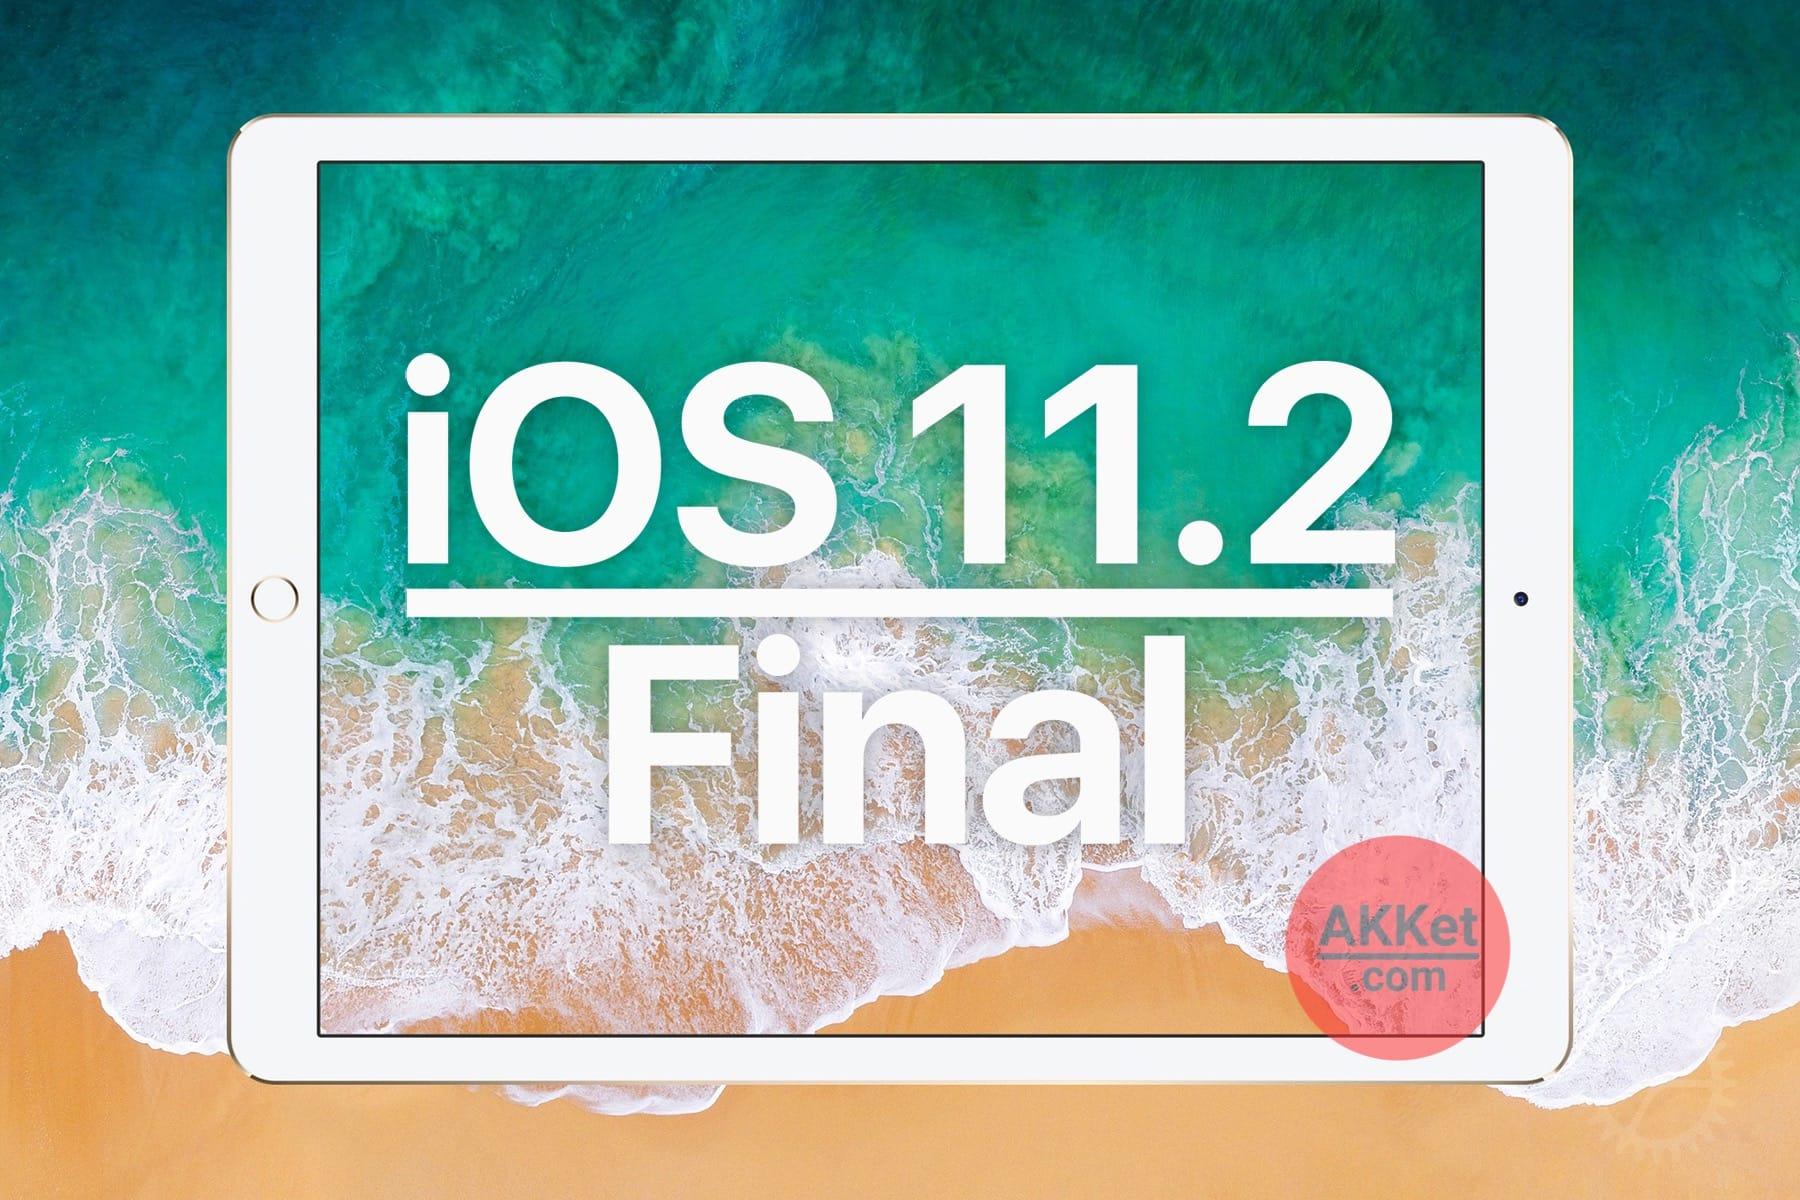 Юзеры iOS 11.2 считают еехуже iOS 10.3.3